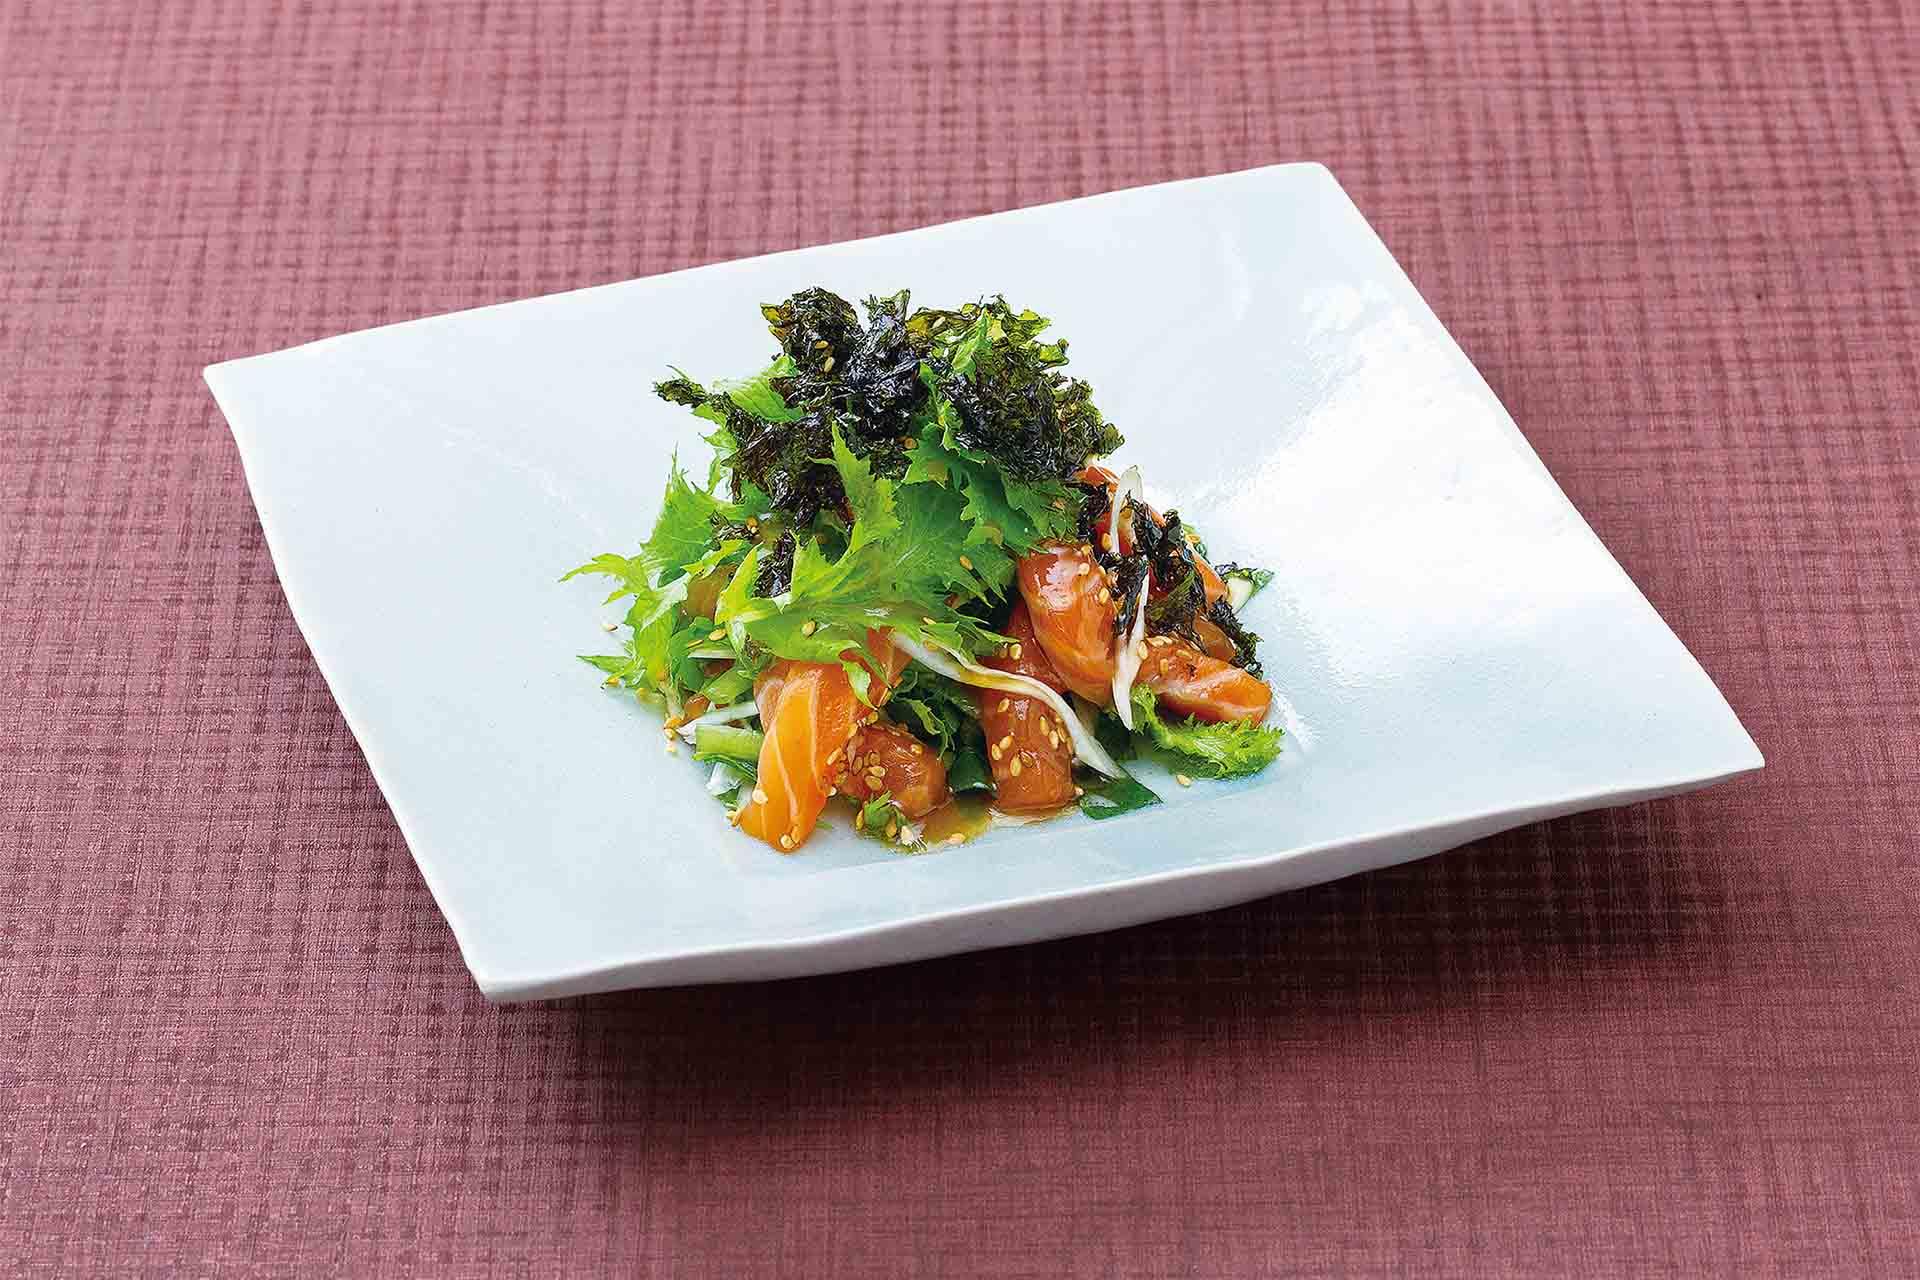 サーモンと山葵菜のチョレギサラダ